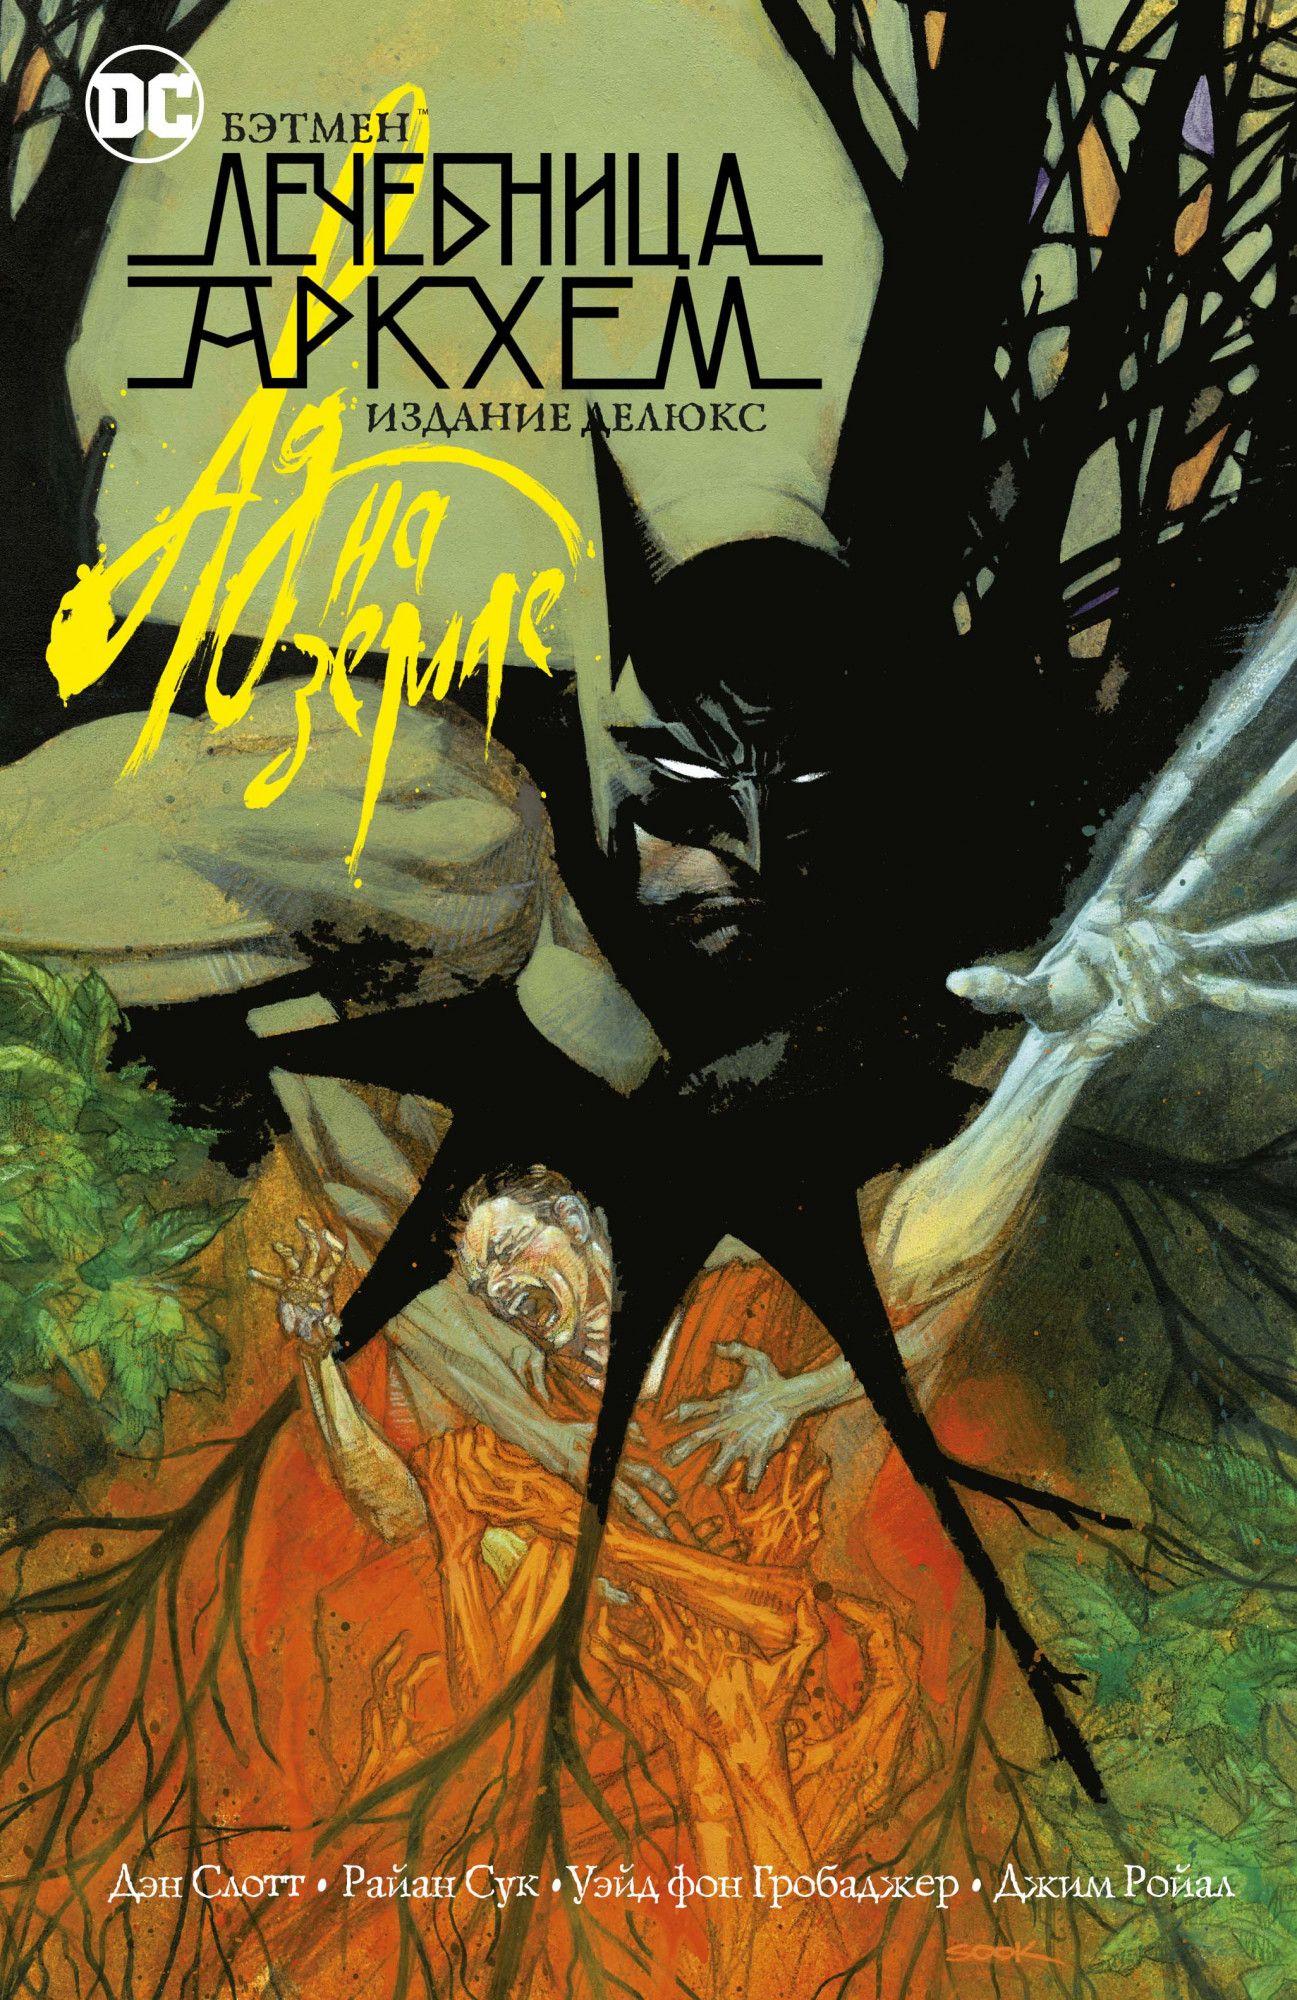 Бэтмен. Лечебница Аркхем. Ад на земле. Издание делюкс